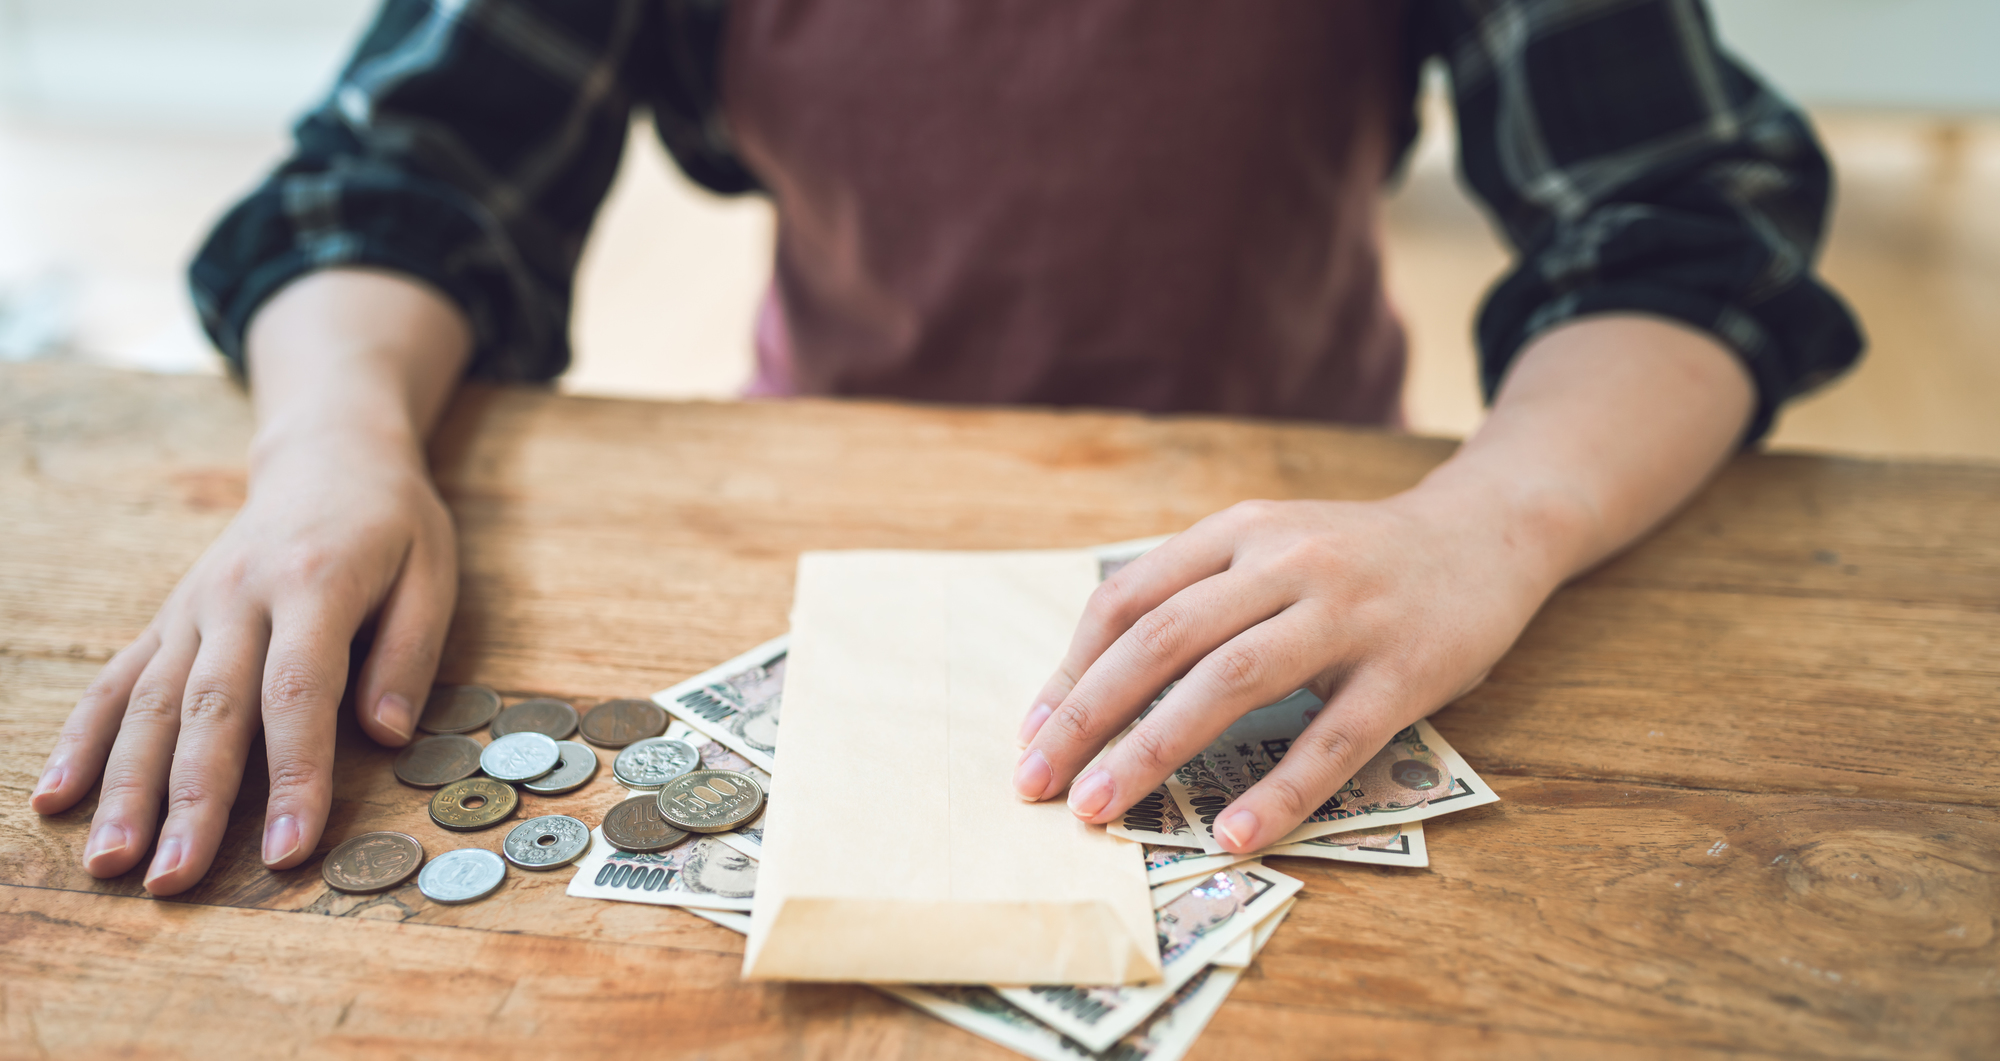 学生のうちに知っておきたい! 大人になったら払う税金・保険料のハナシ